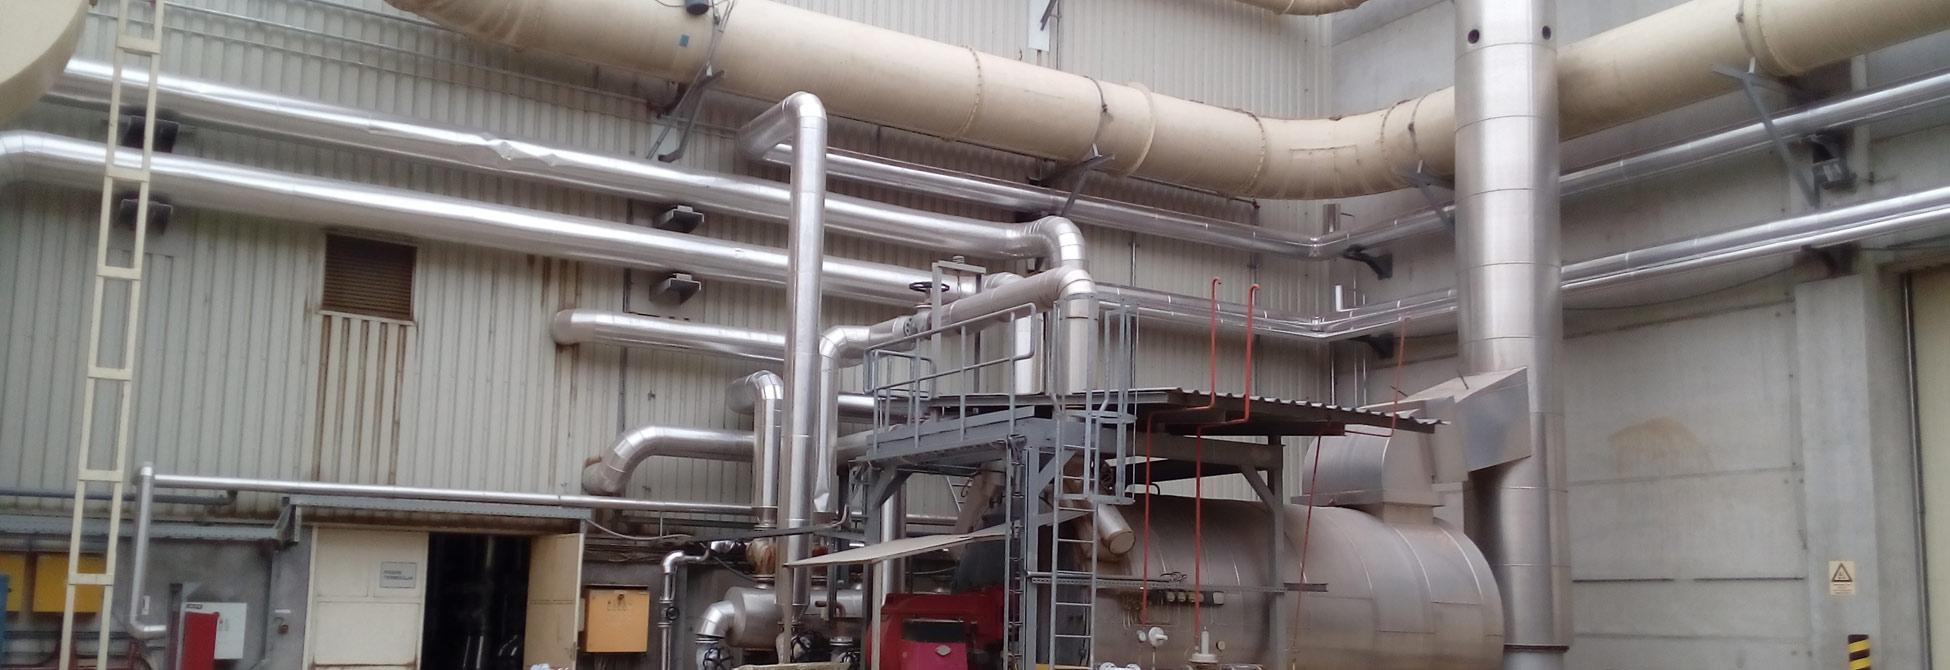 Ventilacioni sistem proizvodnog postrojenja